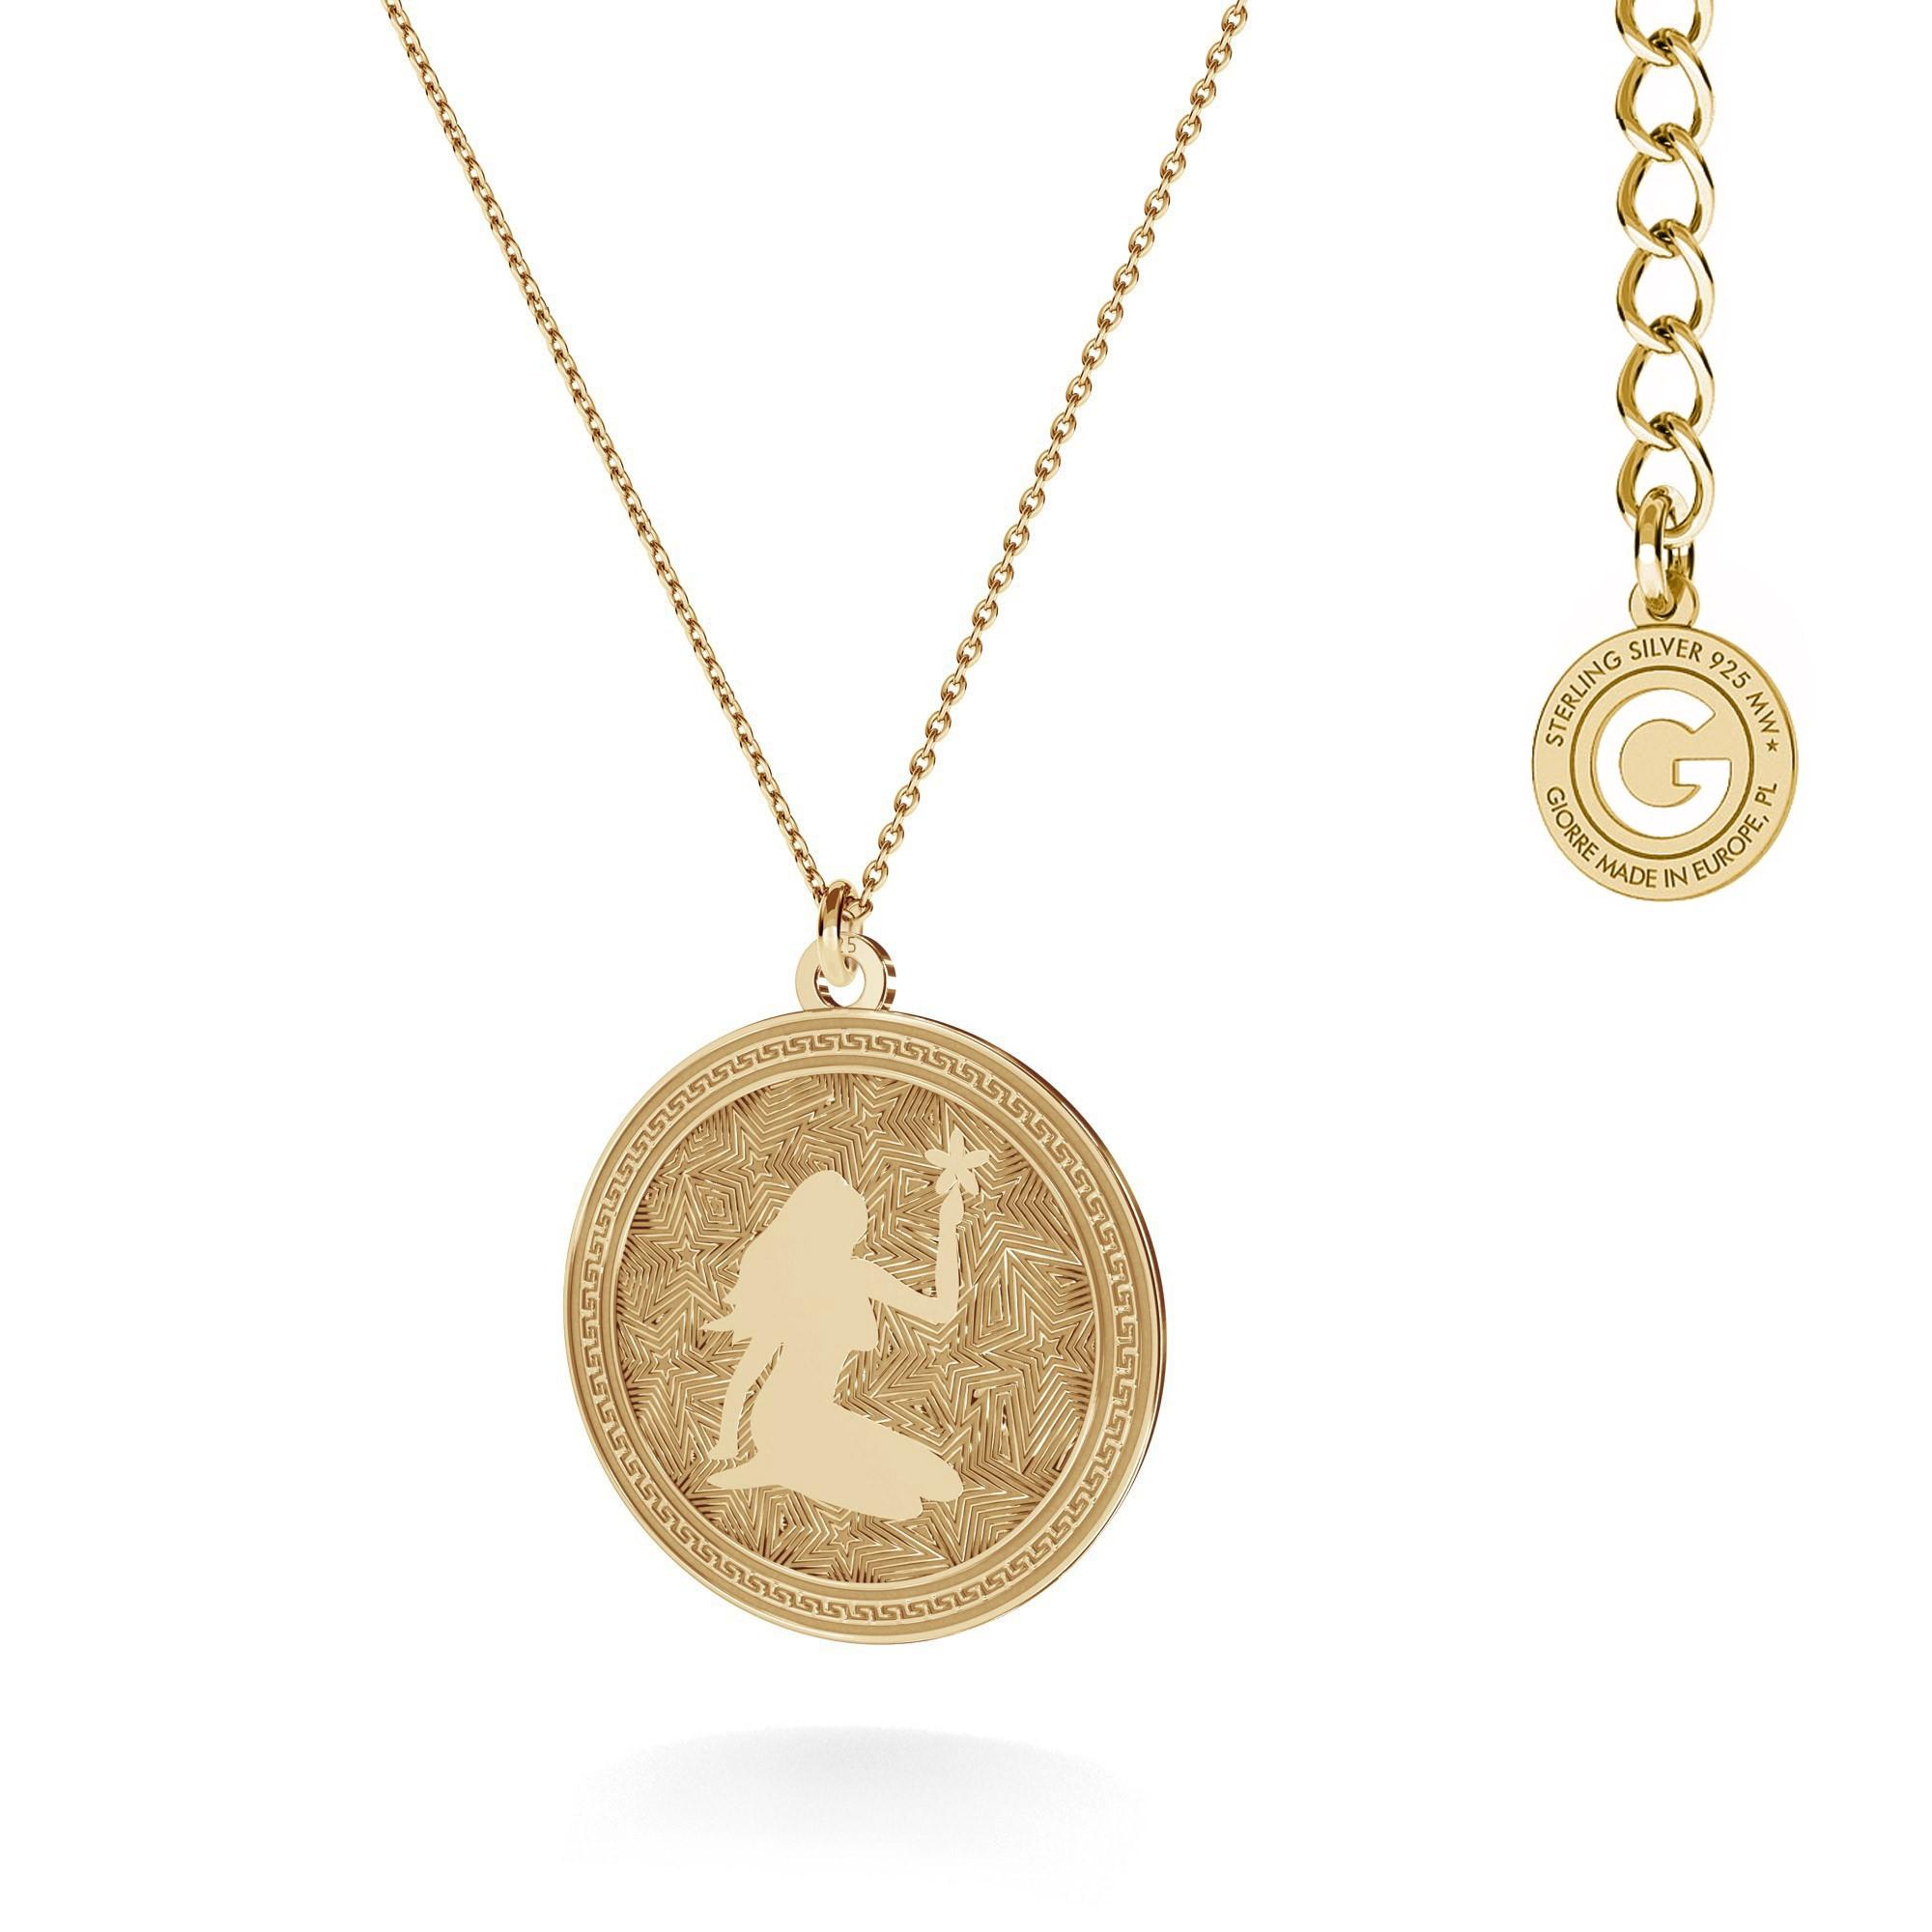 Srebrny naszyjnik znak zodiaku PANNA 925